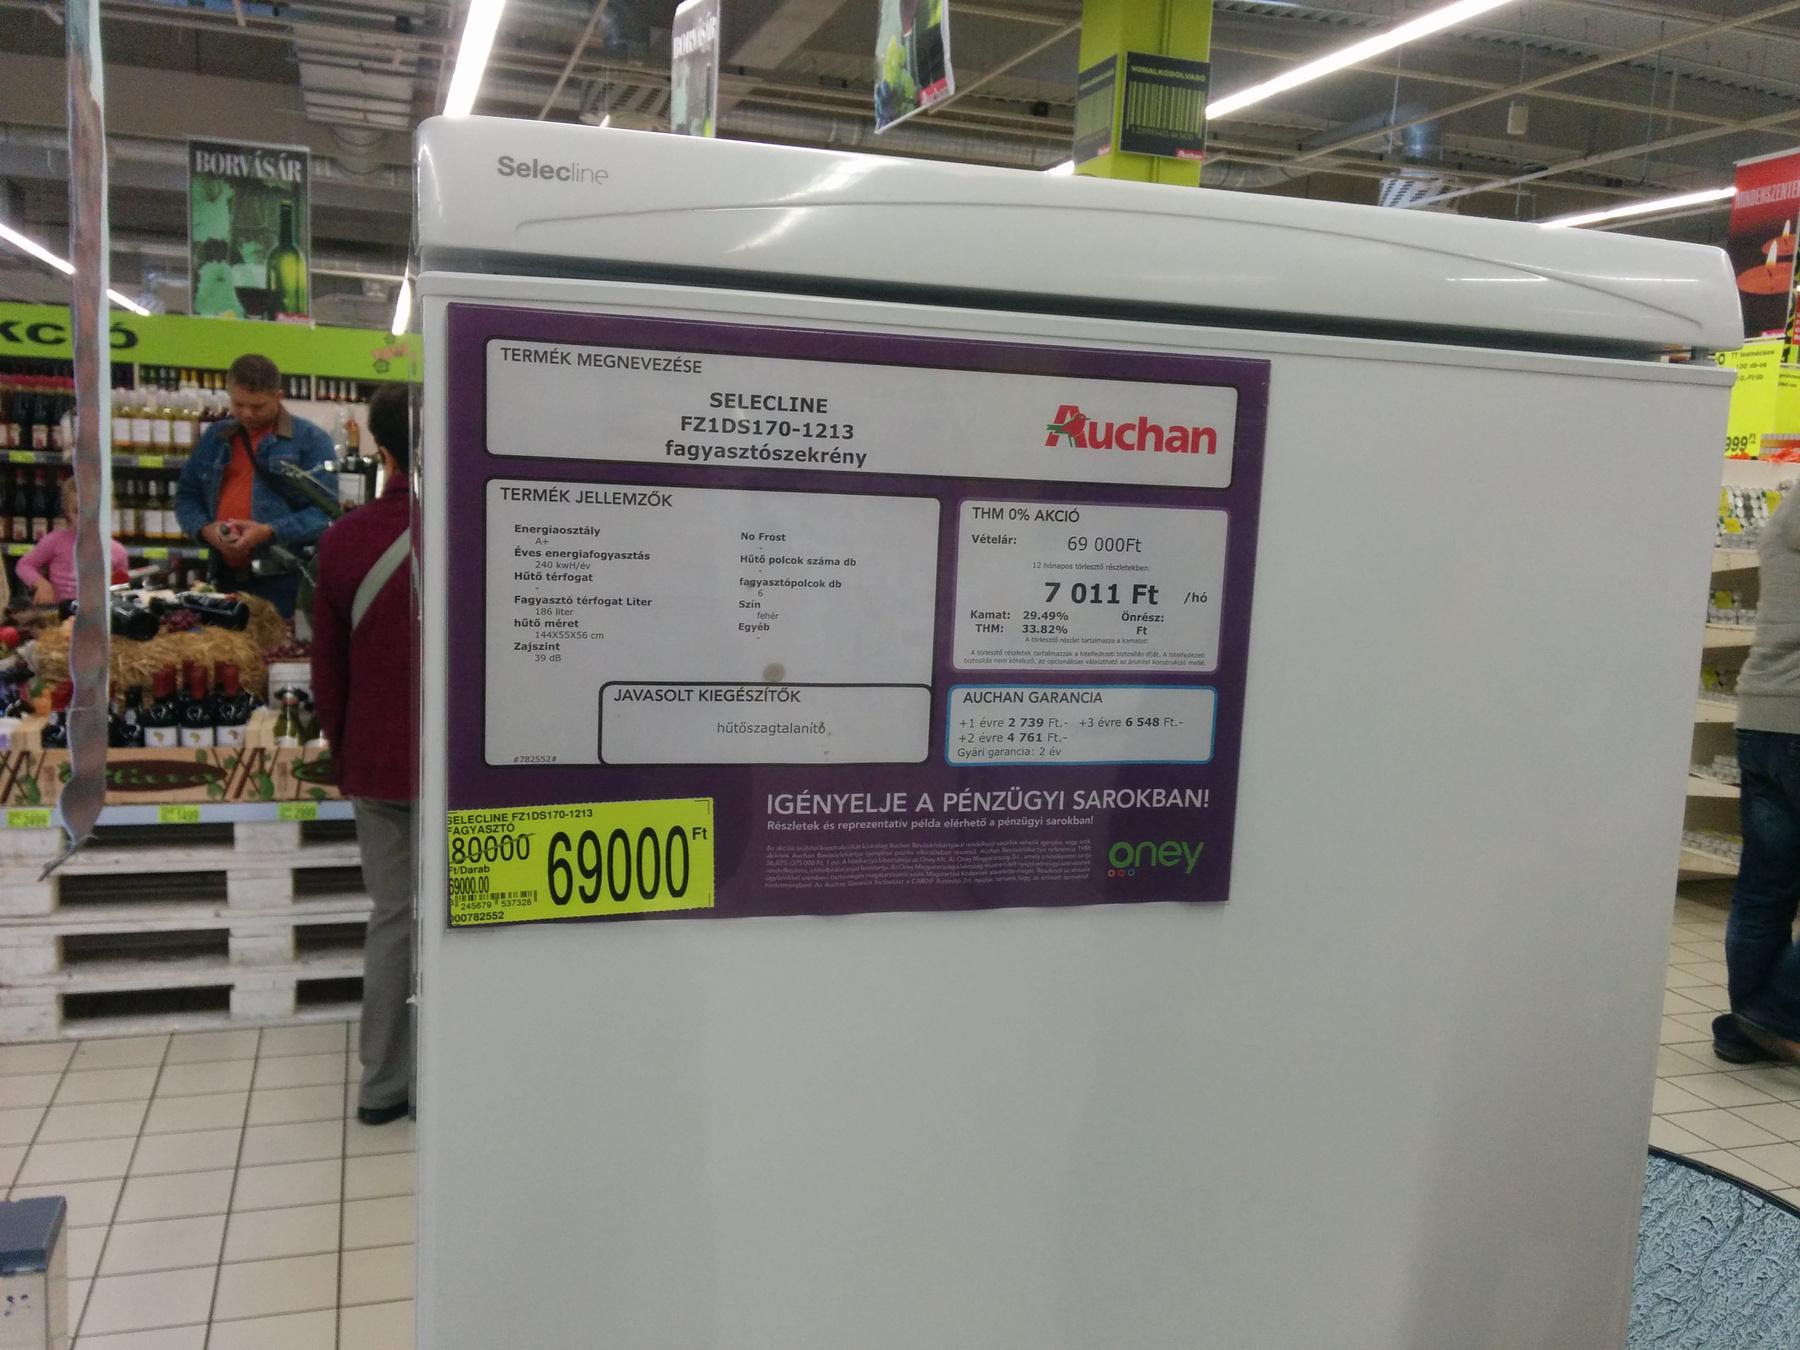 Goldenstar márkájú lombszívó, viszont csak 7000 forint a végső ára. Tényleg nem nagyon láttunk ennél olcsóbban.